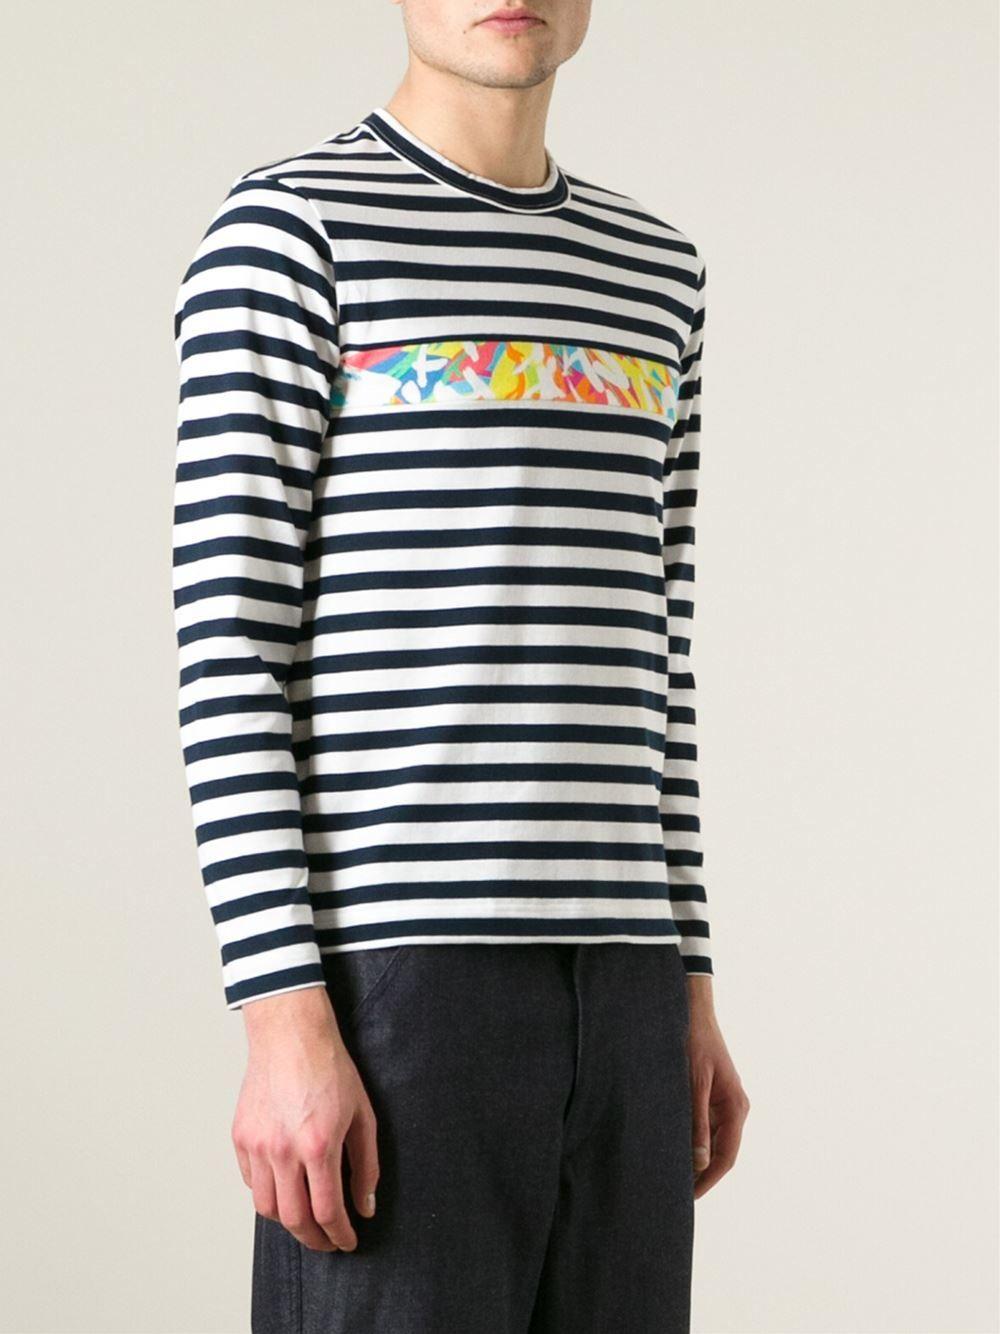 Comme Des Garçons Shirt Camiseta Listrada - Luisa Boutique - Farfetch.com